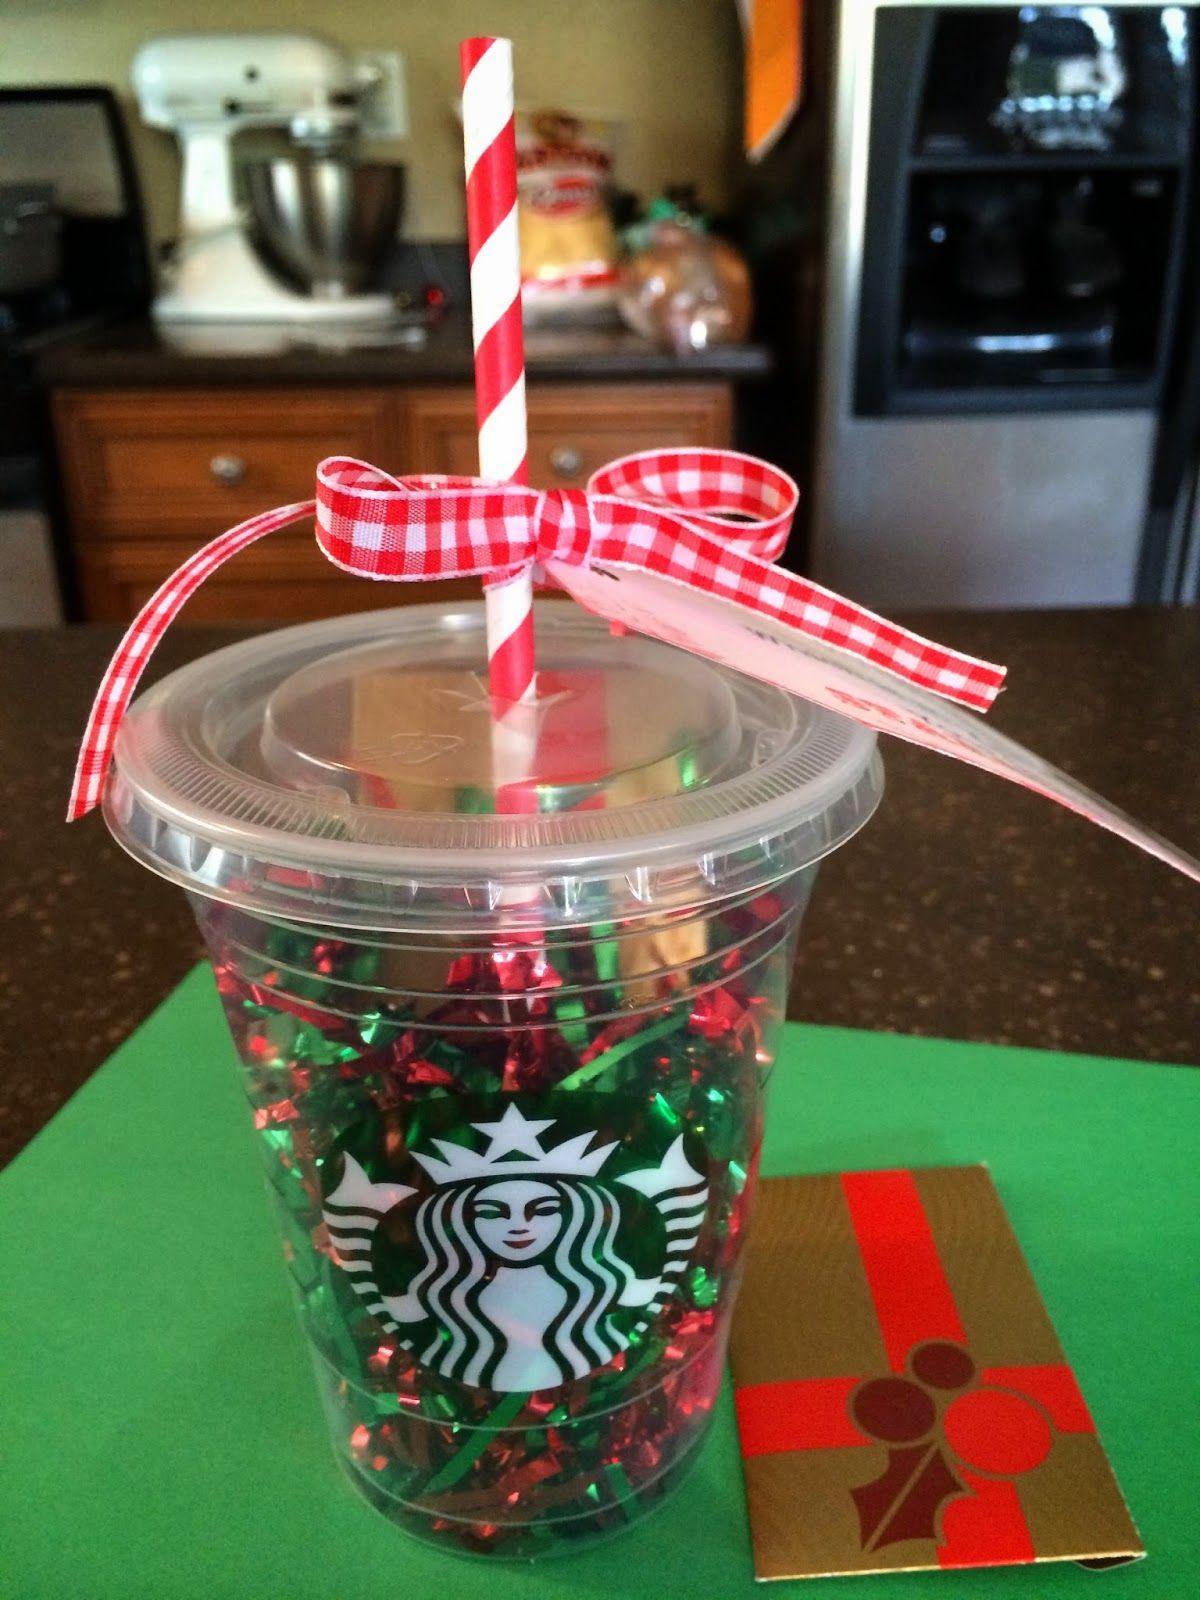 12 Days of Christmas gift ideas for teachers Christmas